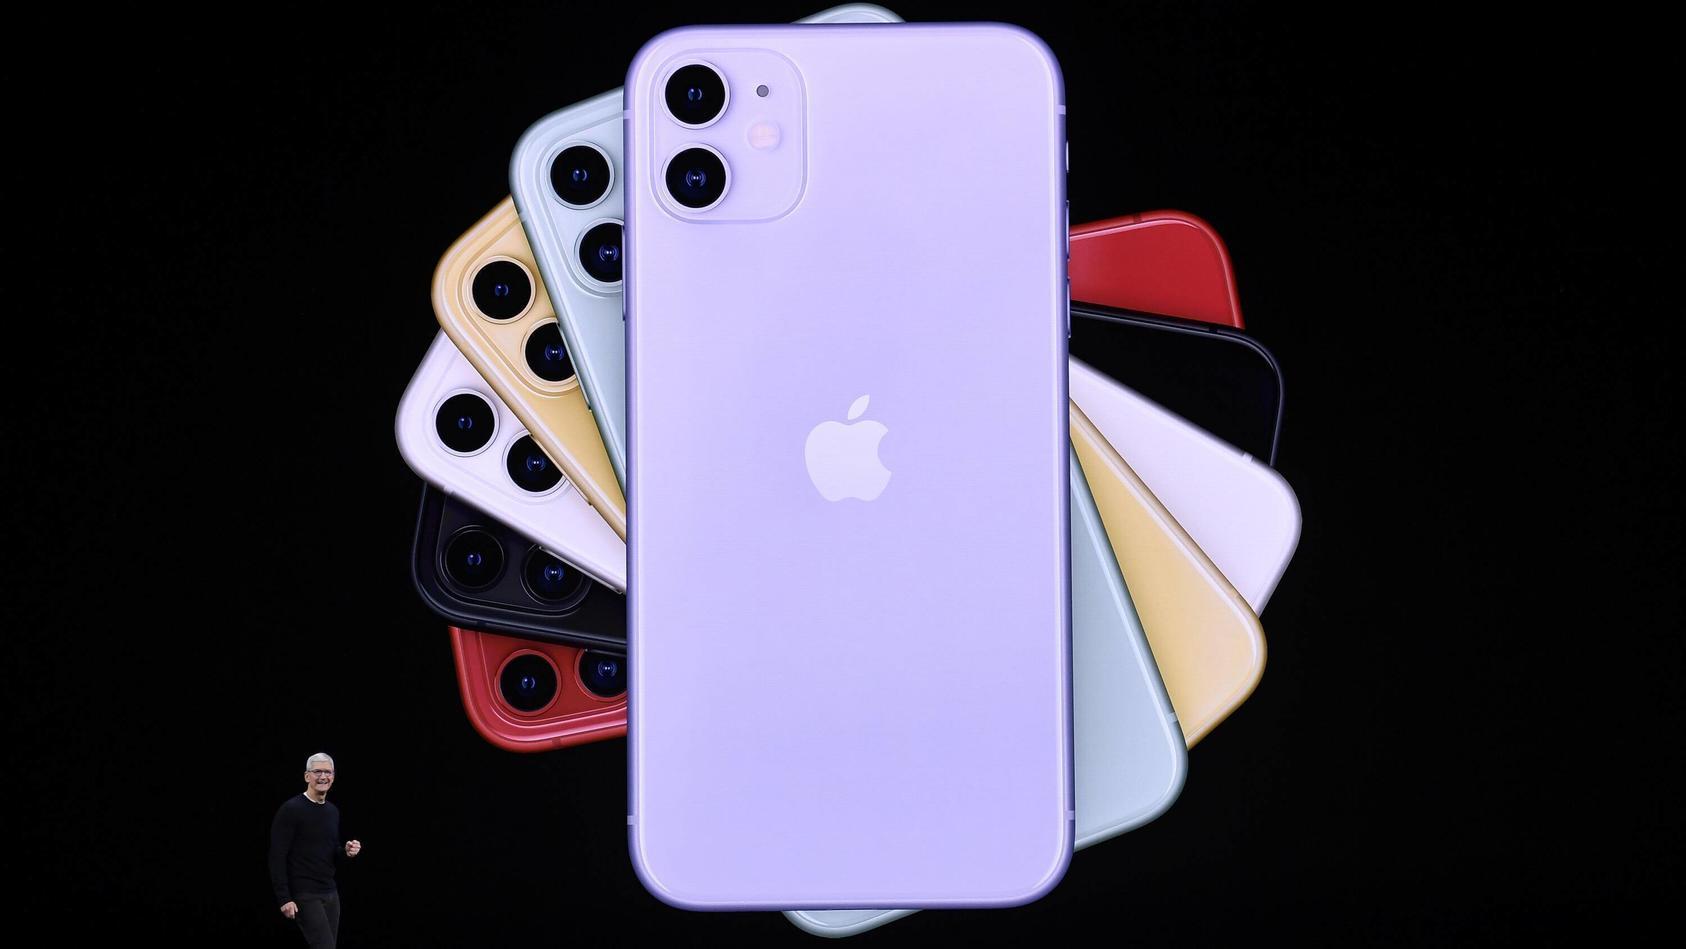 Das iPhone 11 gibt es jetzt bei Saturn für 599 Euro. Wie gut ist der Preis wirklich?